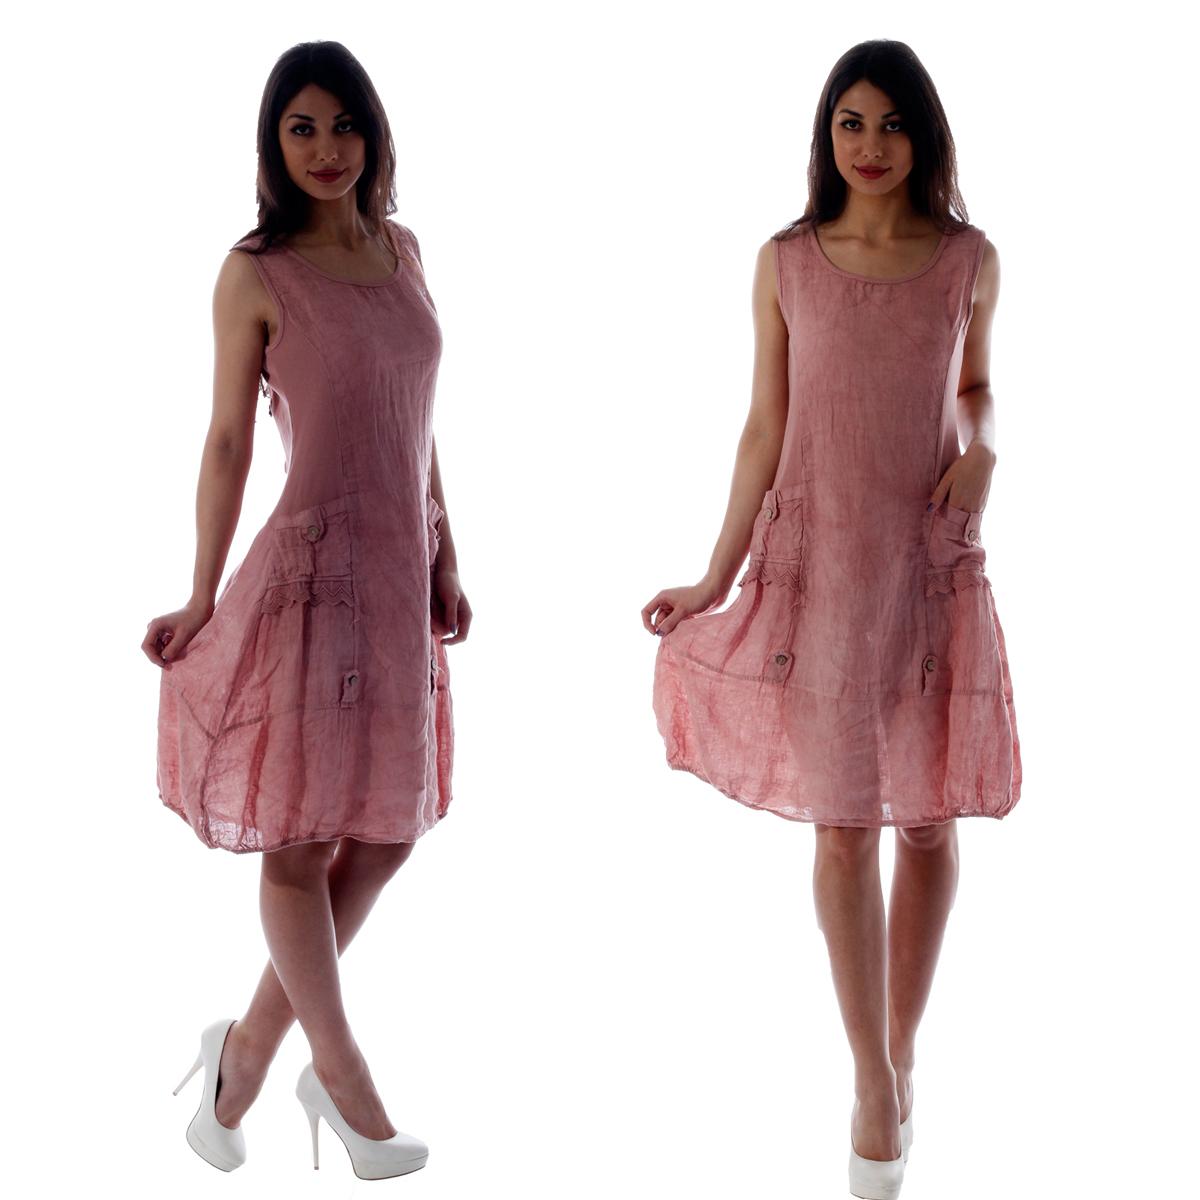 Leinenkleid italienische mode